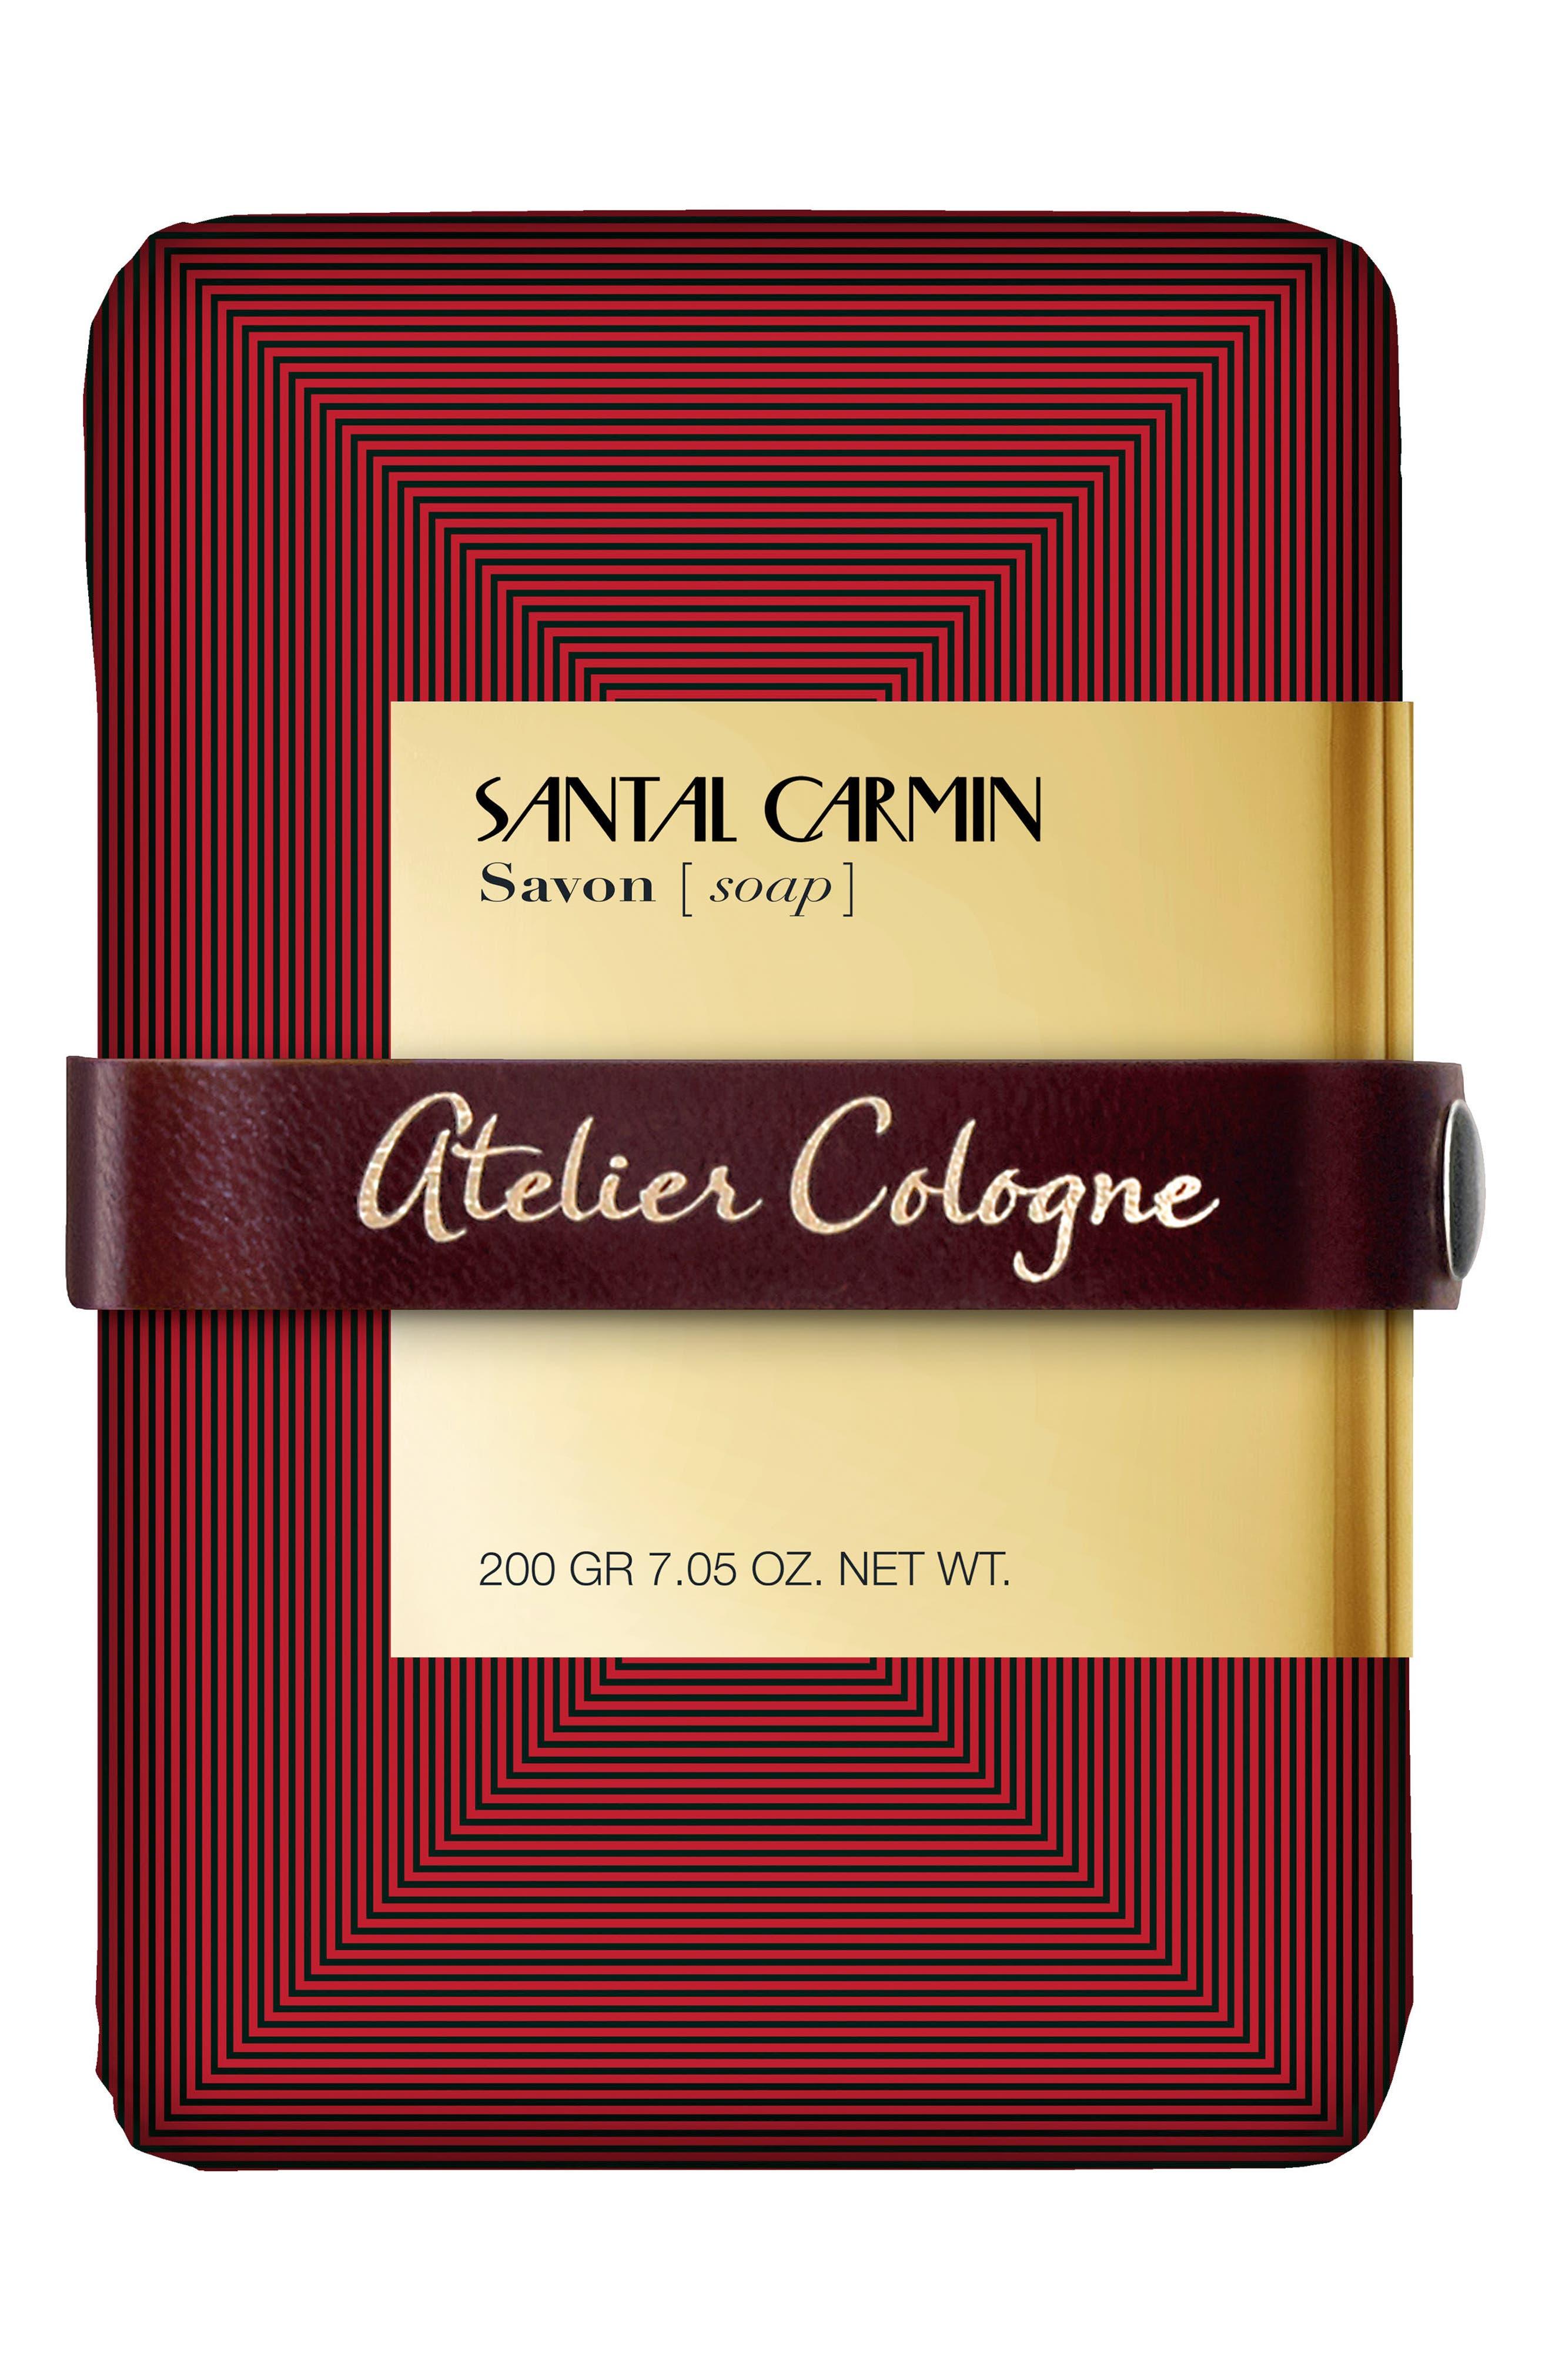 Atelier Cologne Santal Carmin Soap